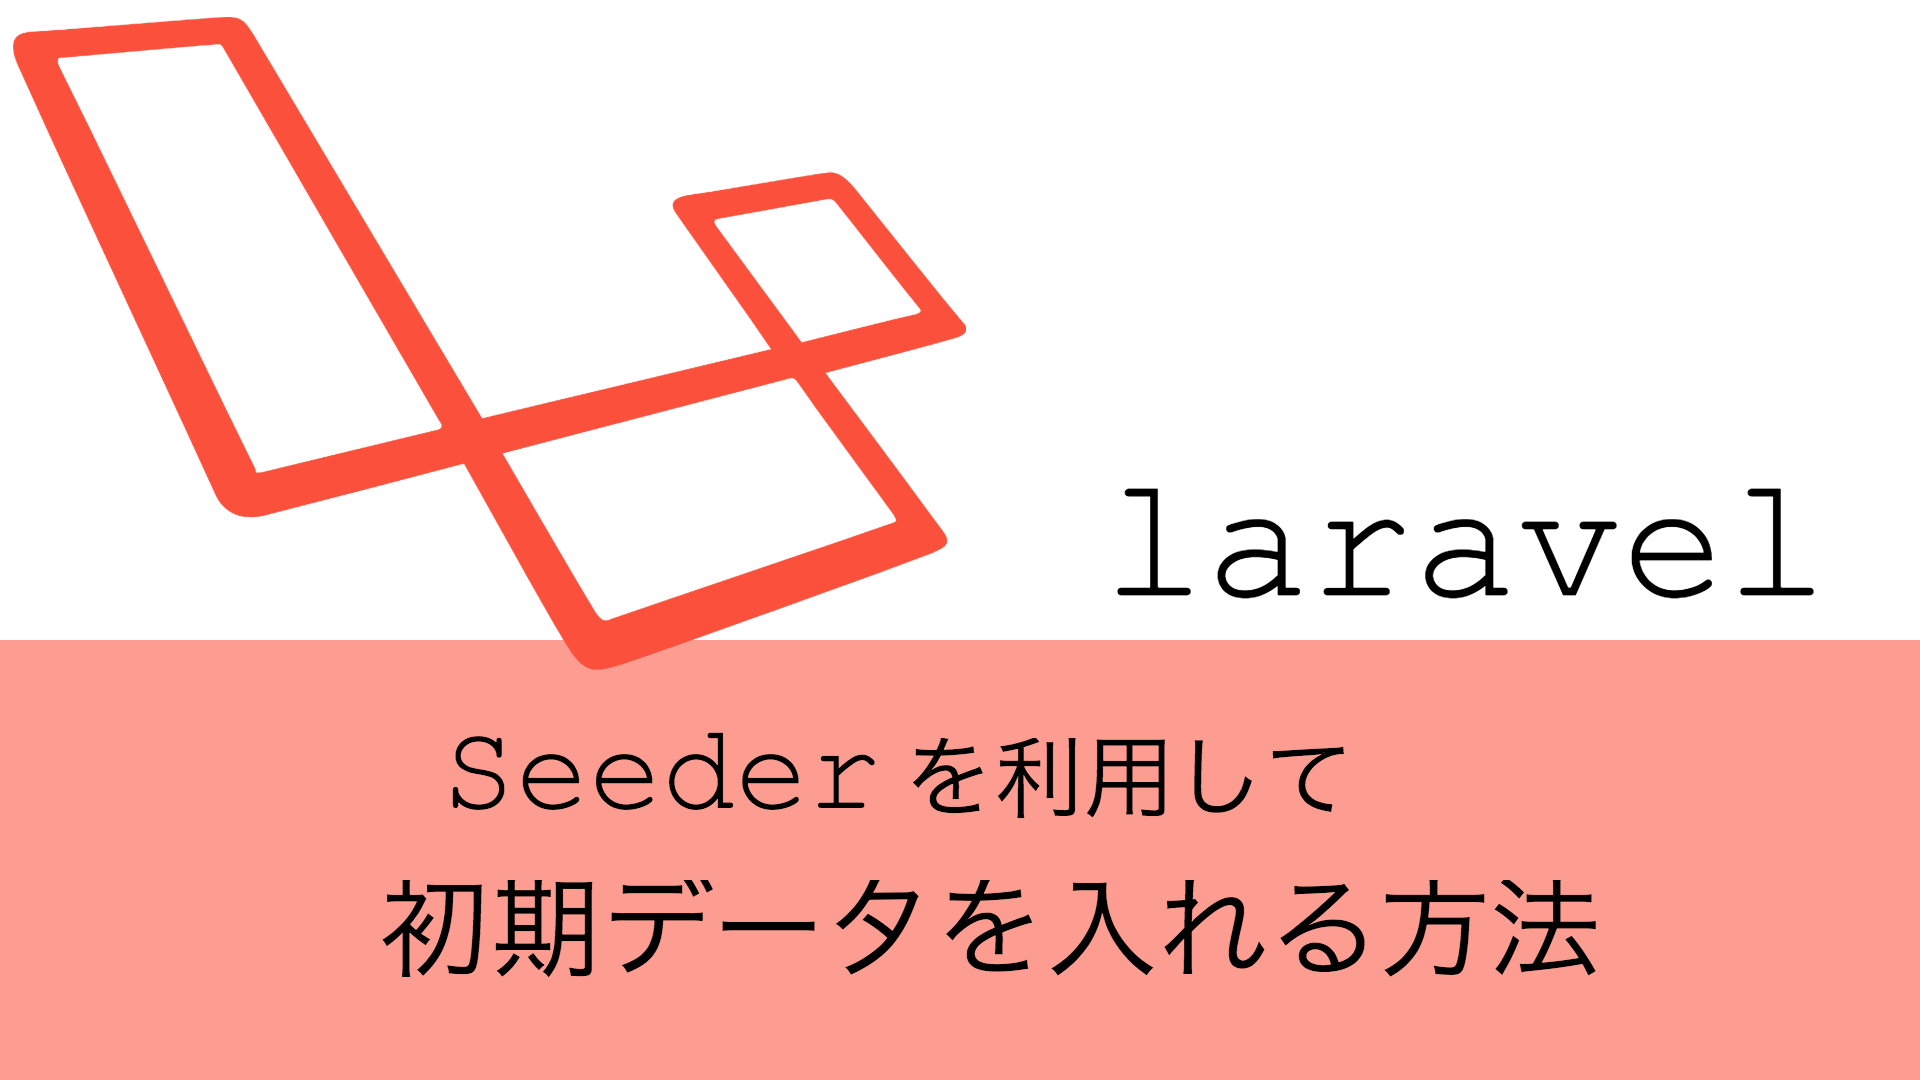 laravel_seeder